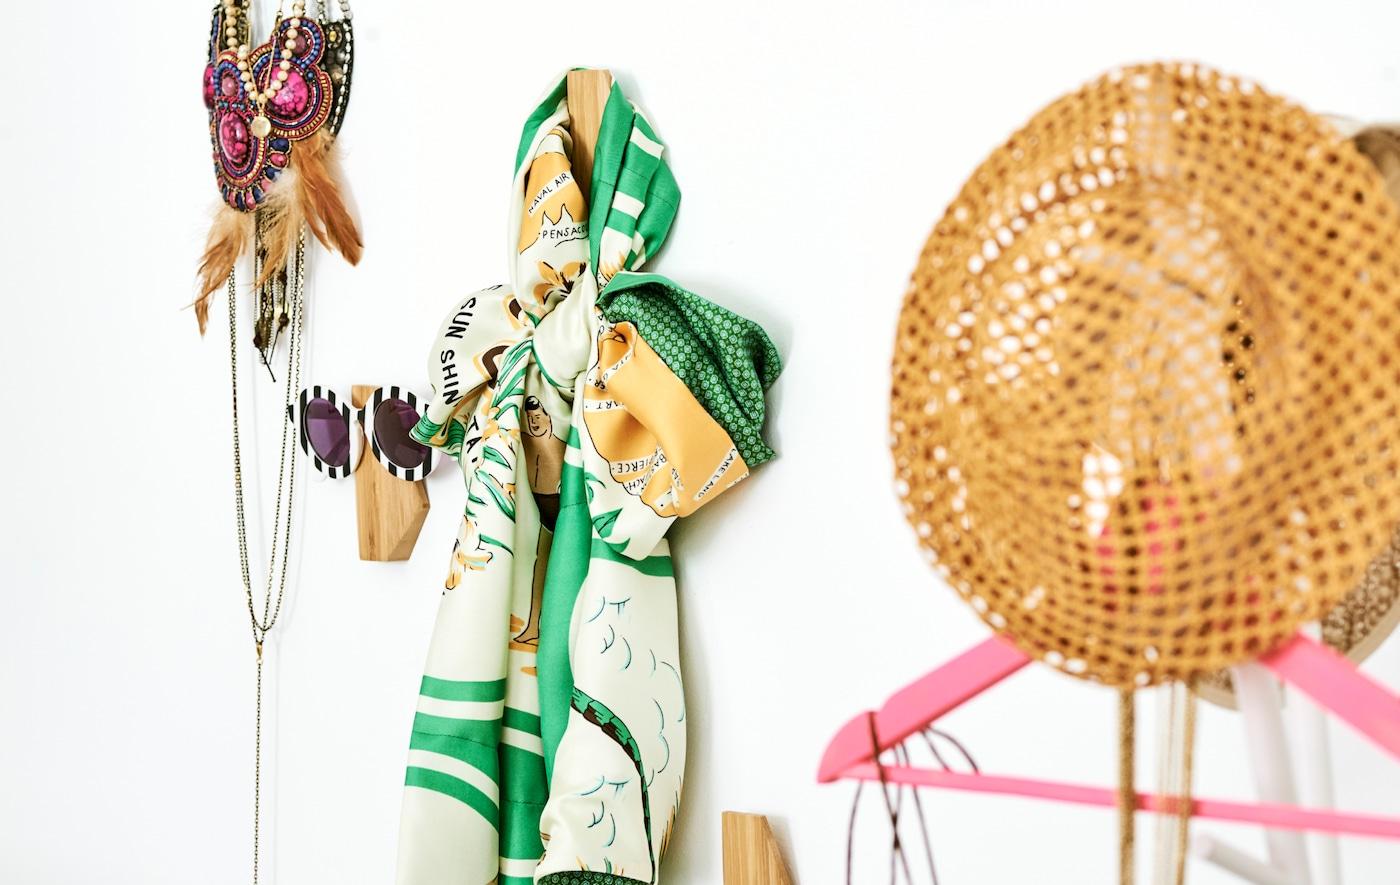 خطافات من الخيزران غير متماثلة على الحائط، على  كل منها إكسسوارات ملابس مختلفة - نظارات شمسية، وشاح، وقلادات وقبعة من القش.